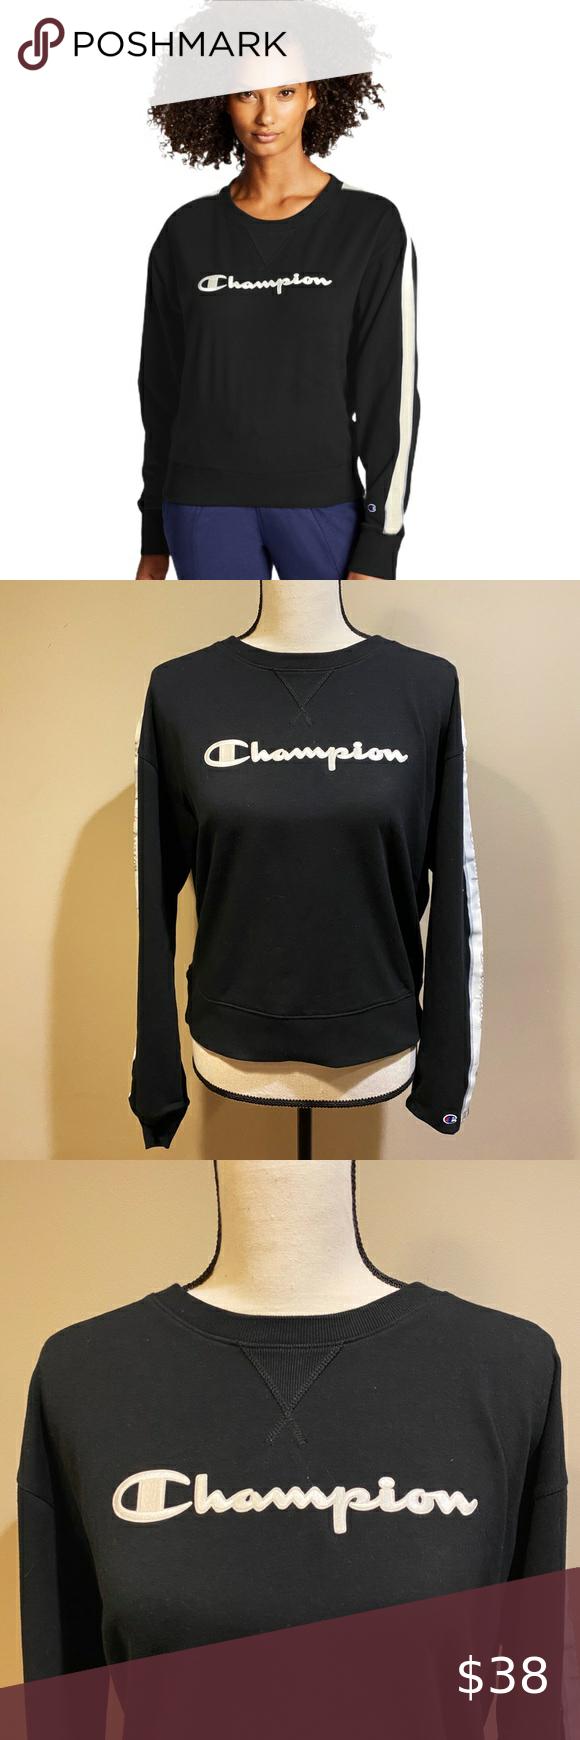 Champion Heritage Fleece Crewneck Sweatshirt Crew Neck Sweatshirt Sweatshirts Champion Tops [ 1740 x 580 Pixel ]